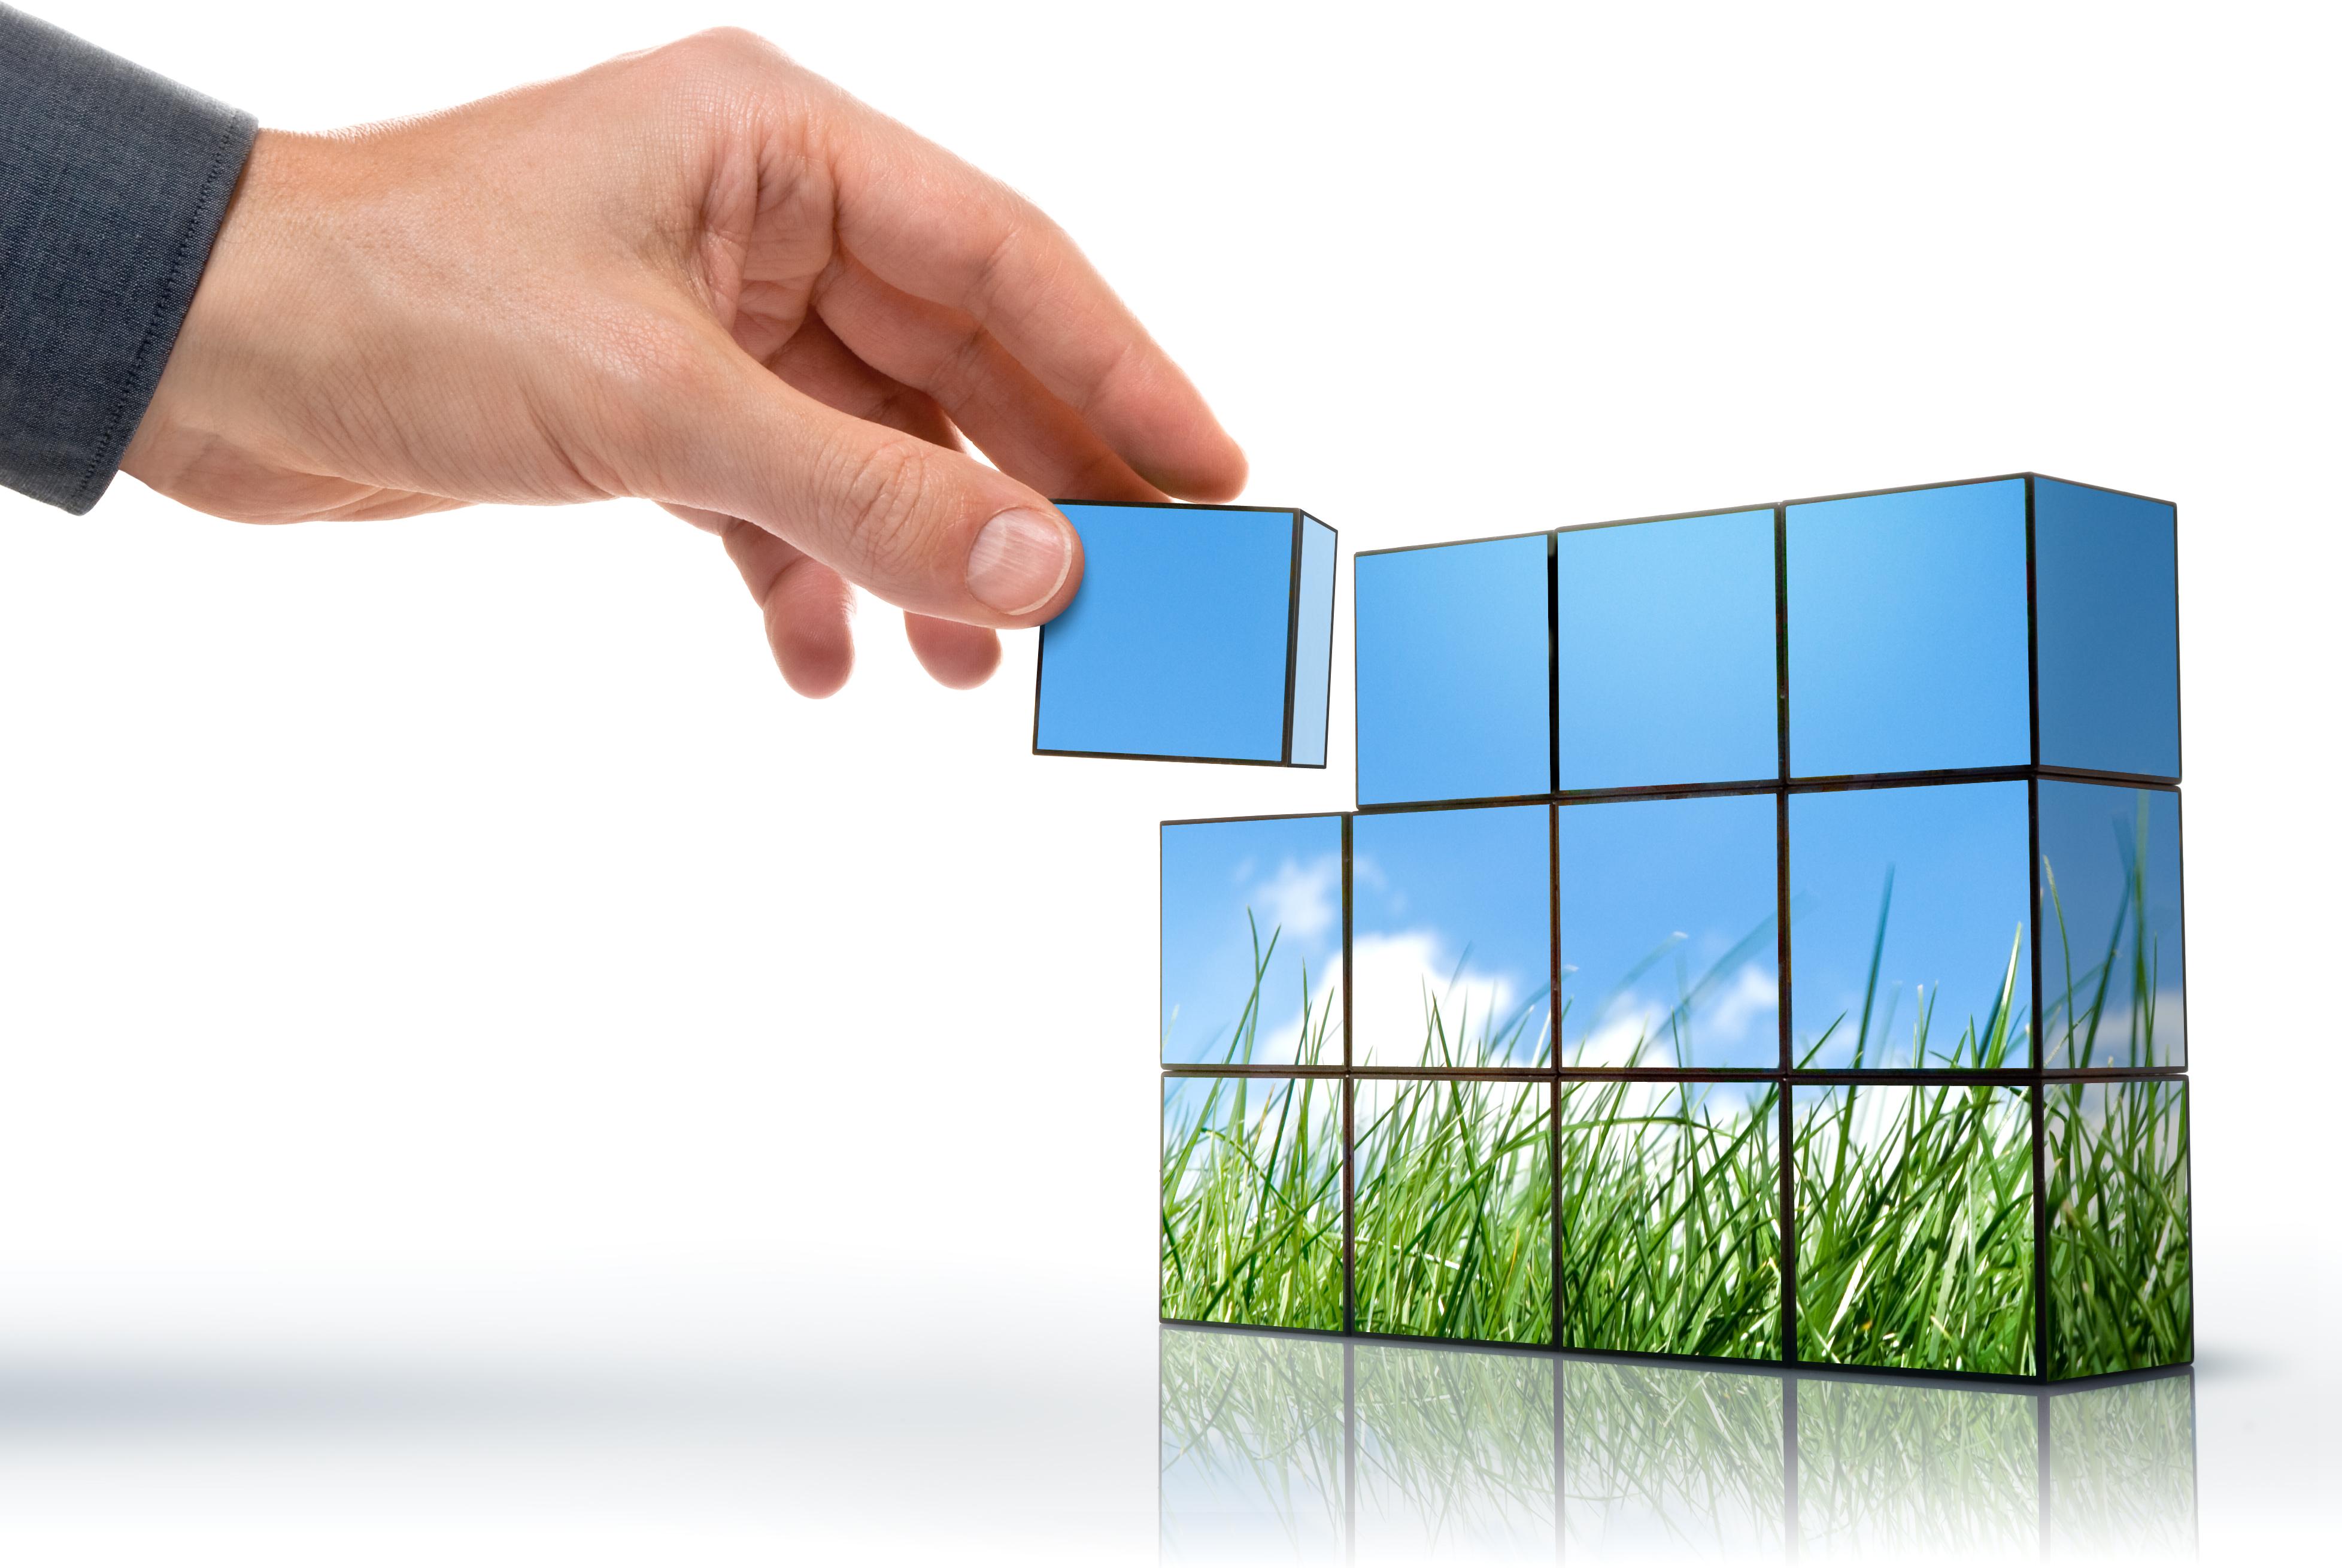 Para nadie es un secreto que hoy en día la sostenibilidad en las empresas, es una gran posibilidad para competir